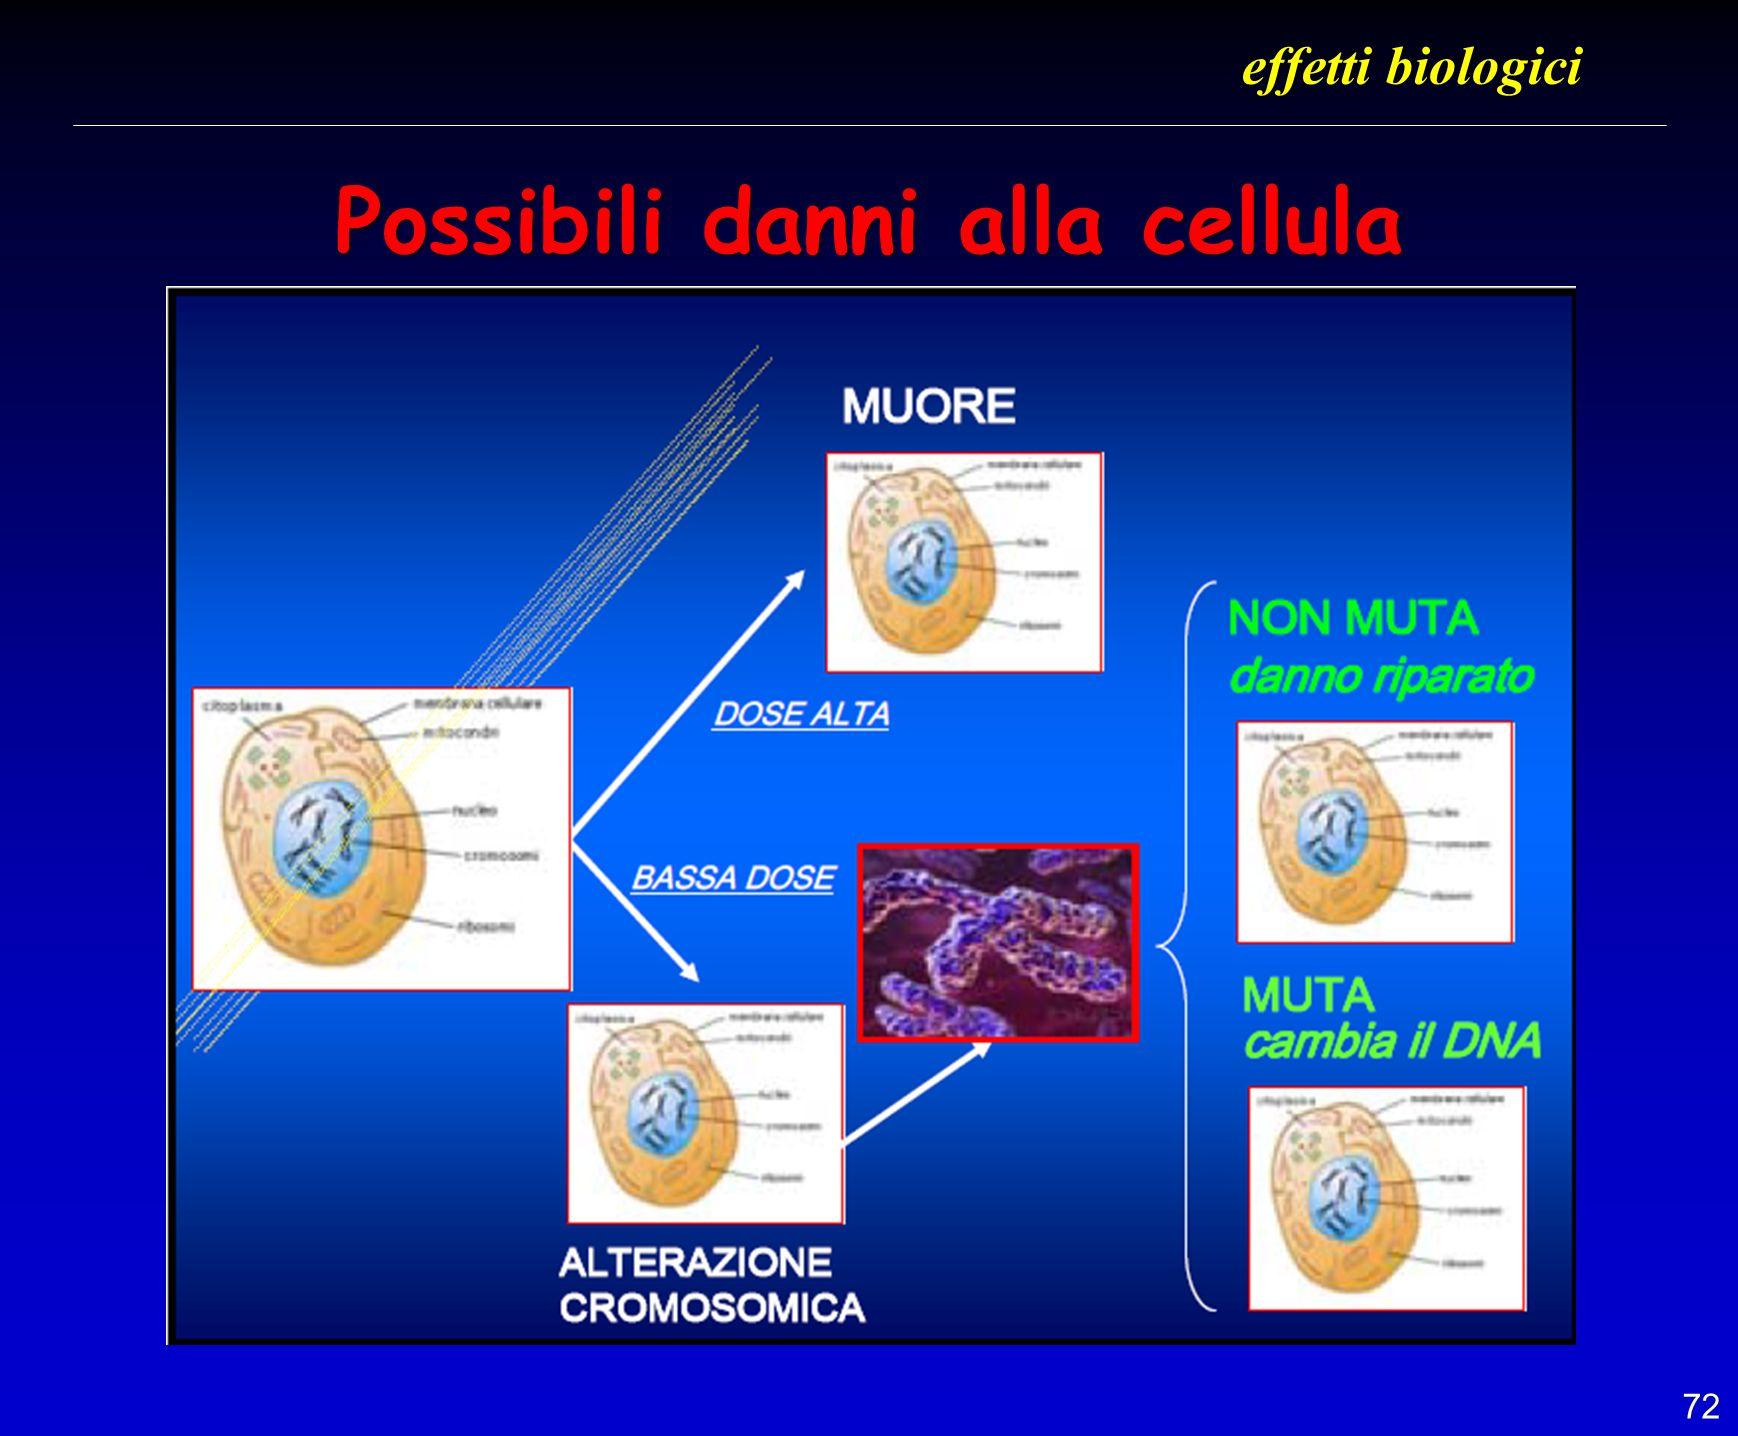 Possibili danni alla cellula